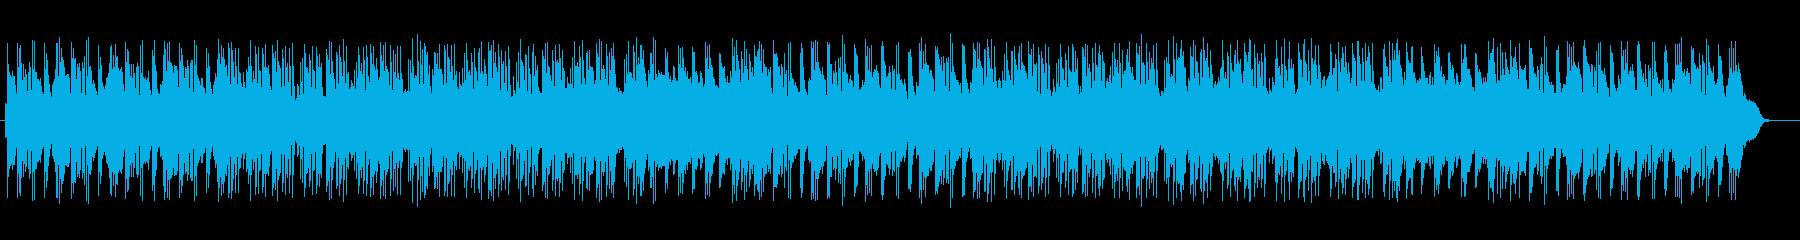 爽やかトロピカルなシンセサイザーサウンドの再生済みの波形